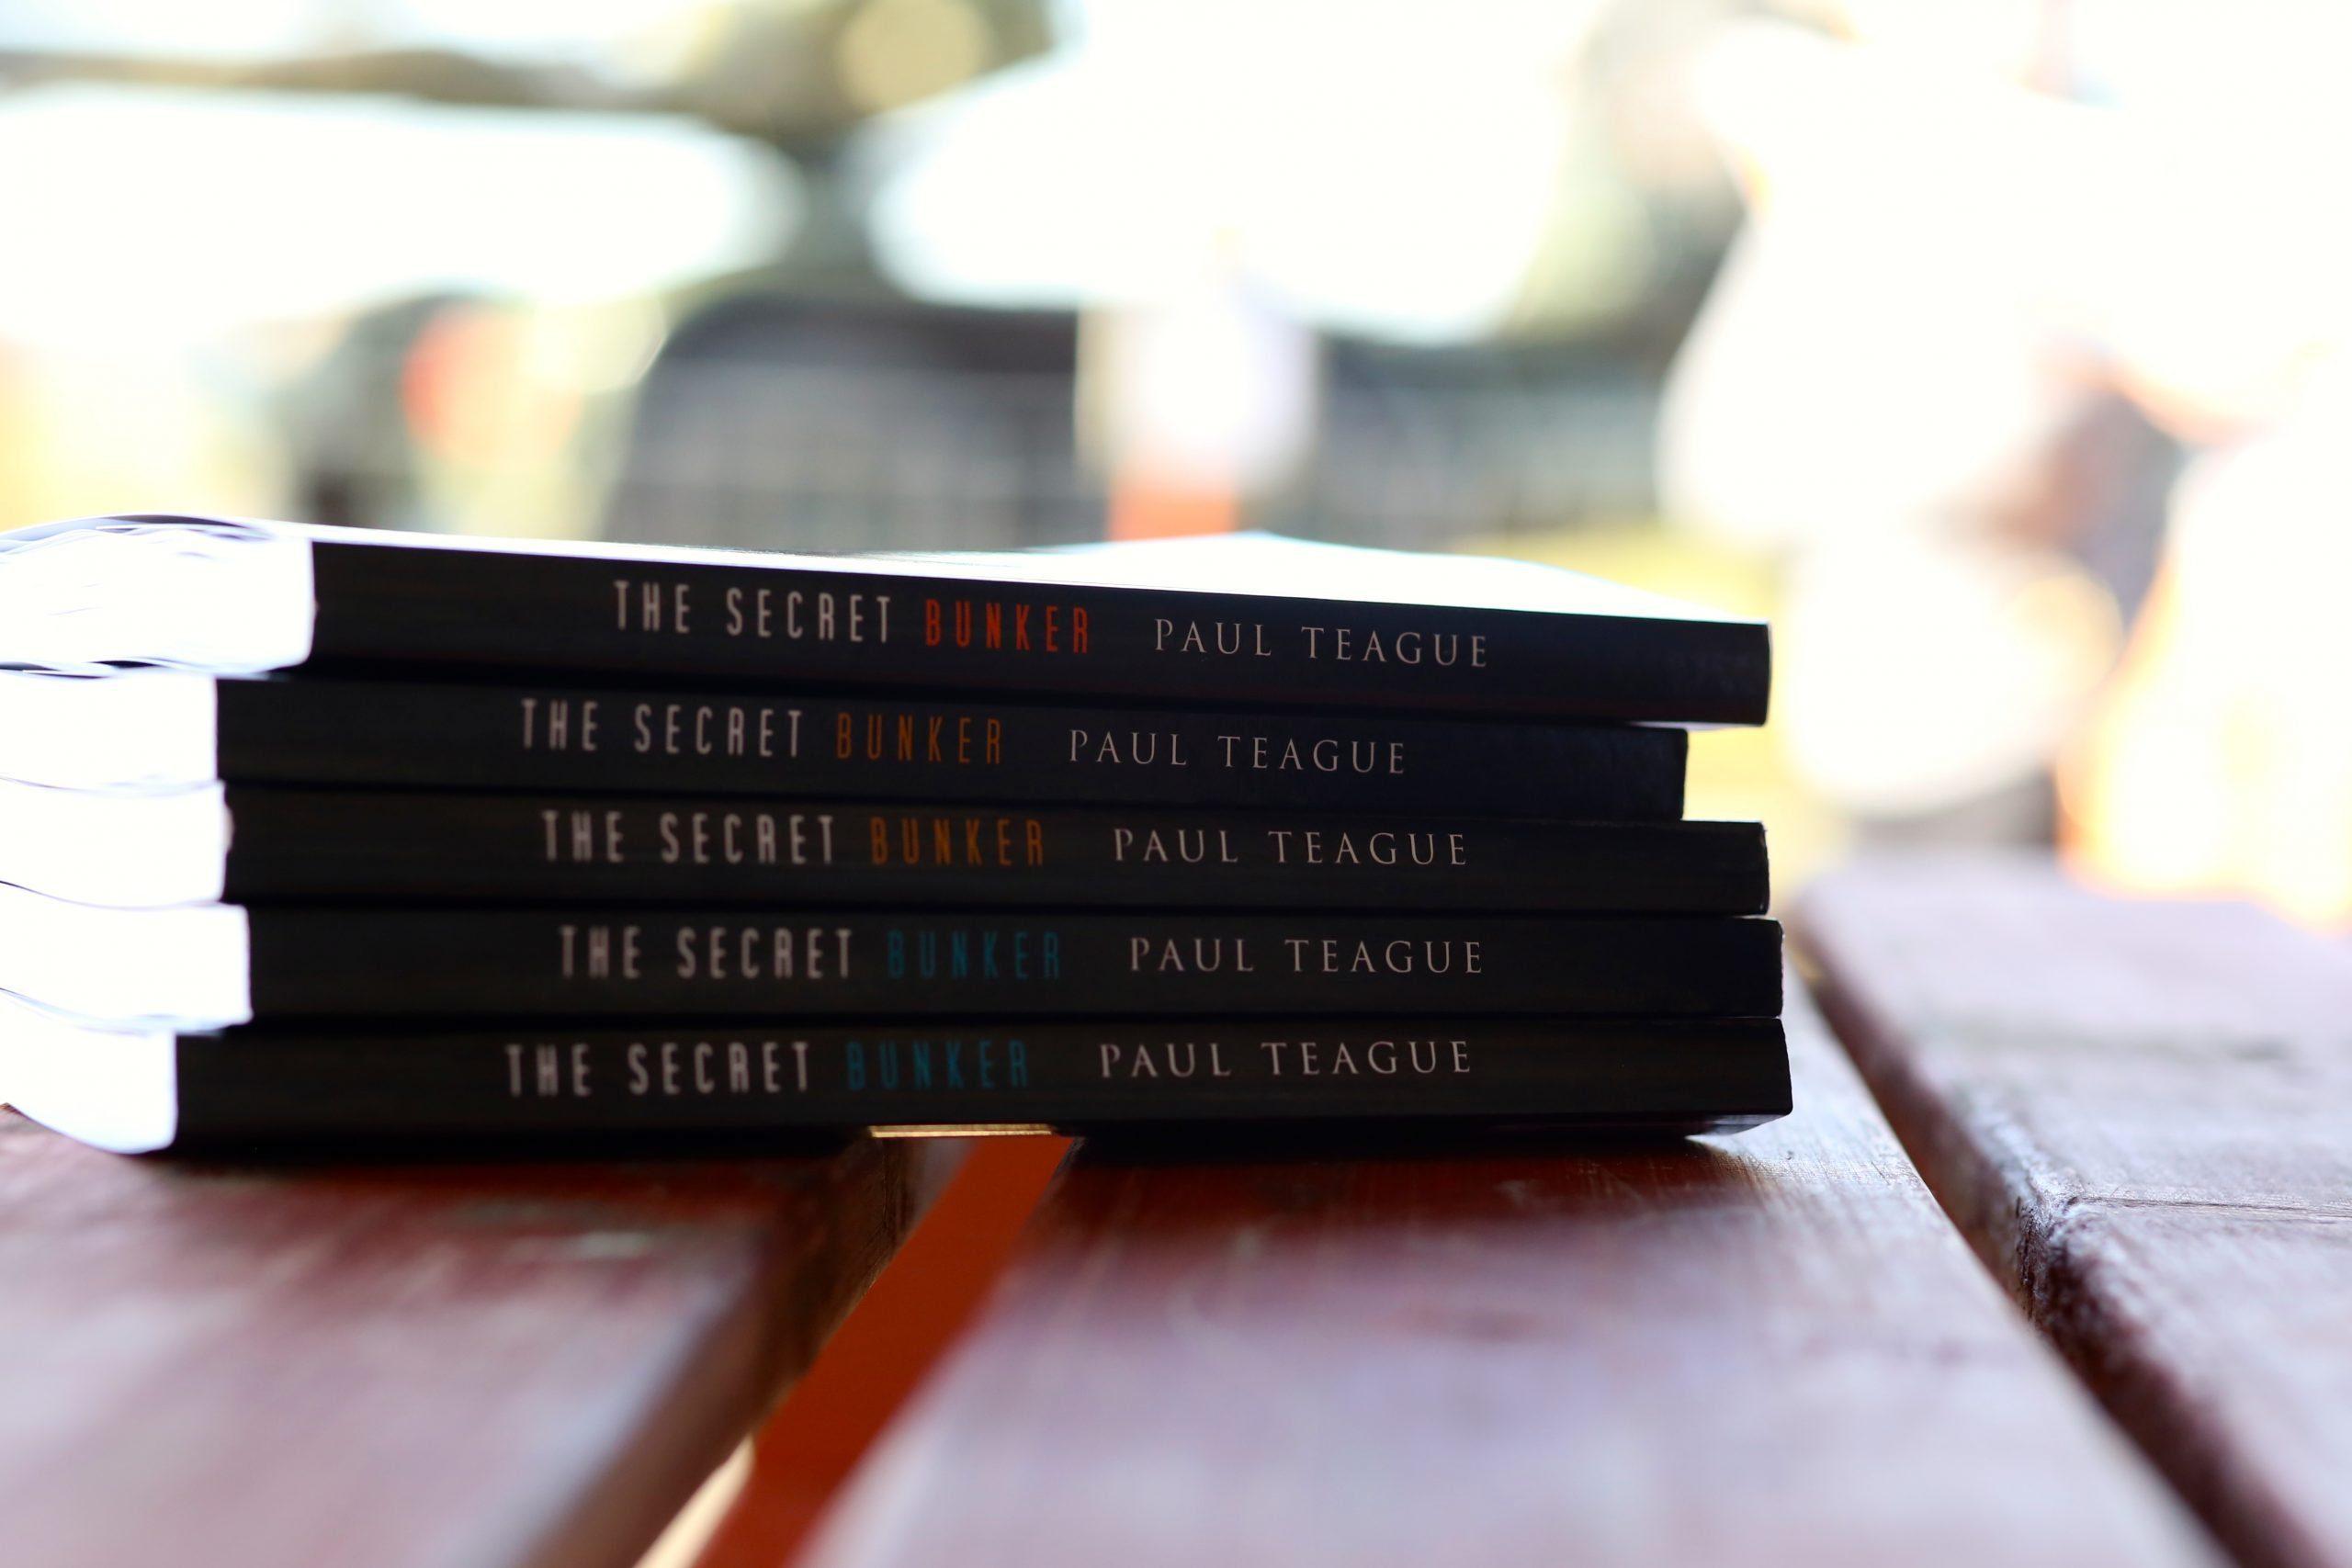 paul-teague-the-secret-bunker-signing11 - Copy